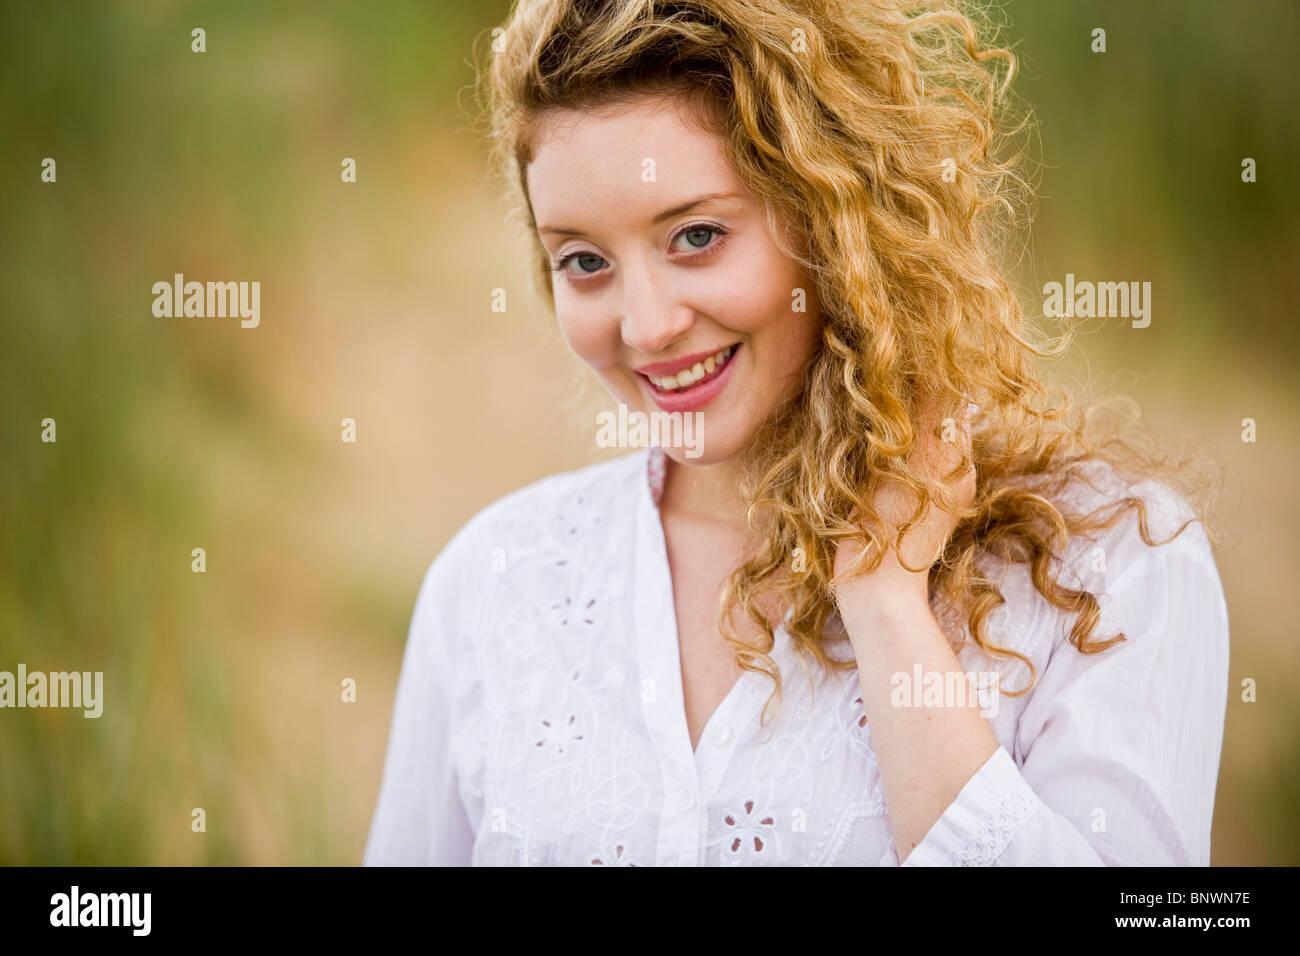 Ritratto di donna attraente all'aperto Immagini Stock